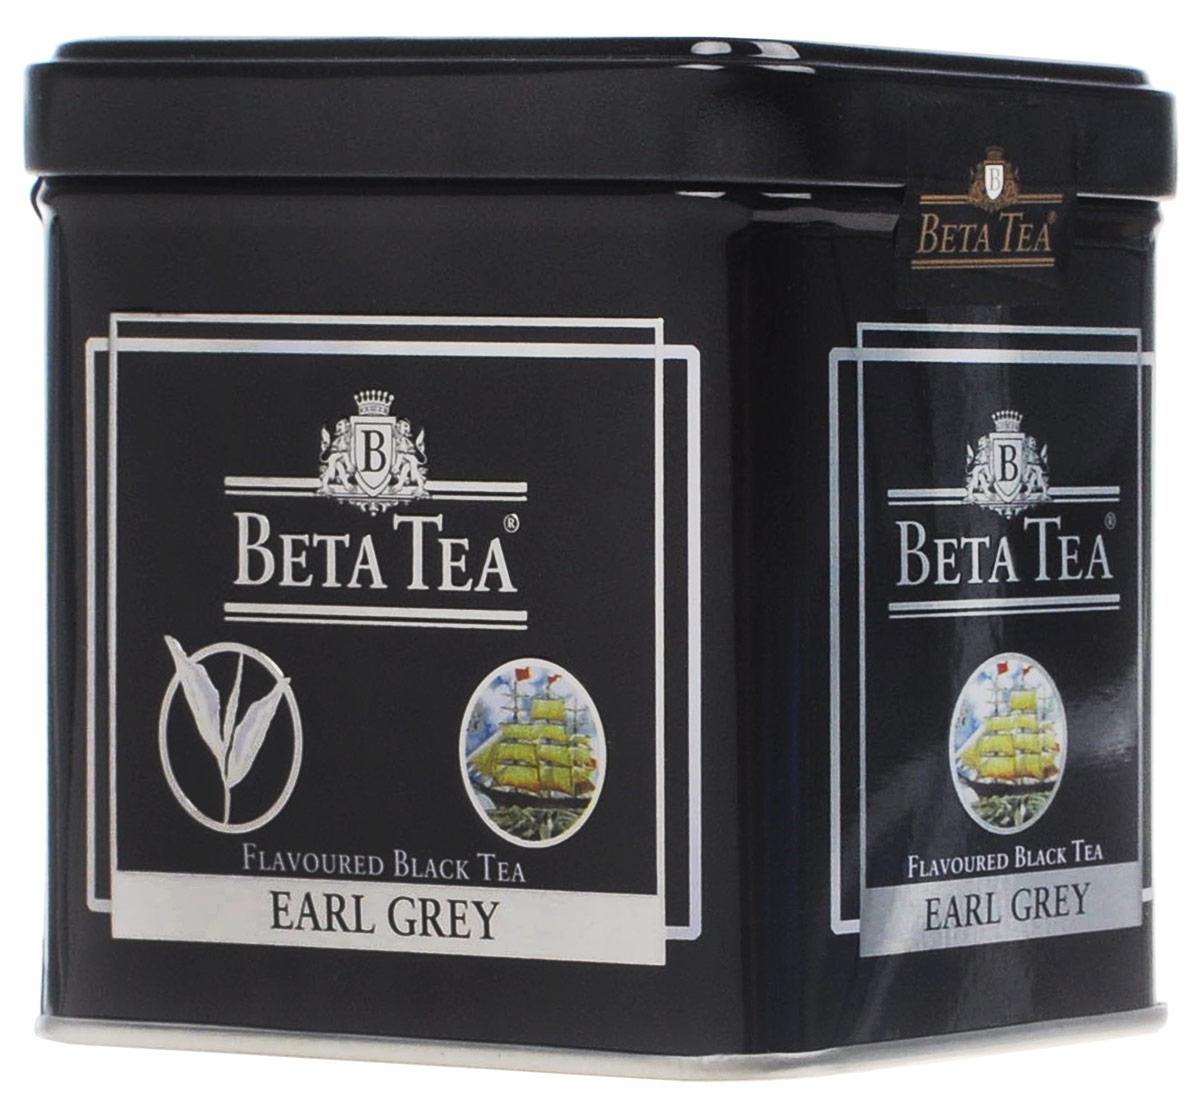 Beta Tea Earl Grey черный листовой чай, 100 г (жестяная банка) beta tea отборное качество черный листовой чай 100 г